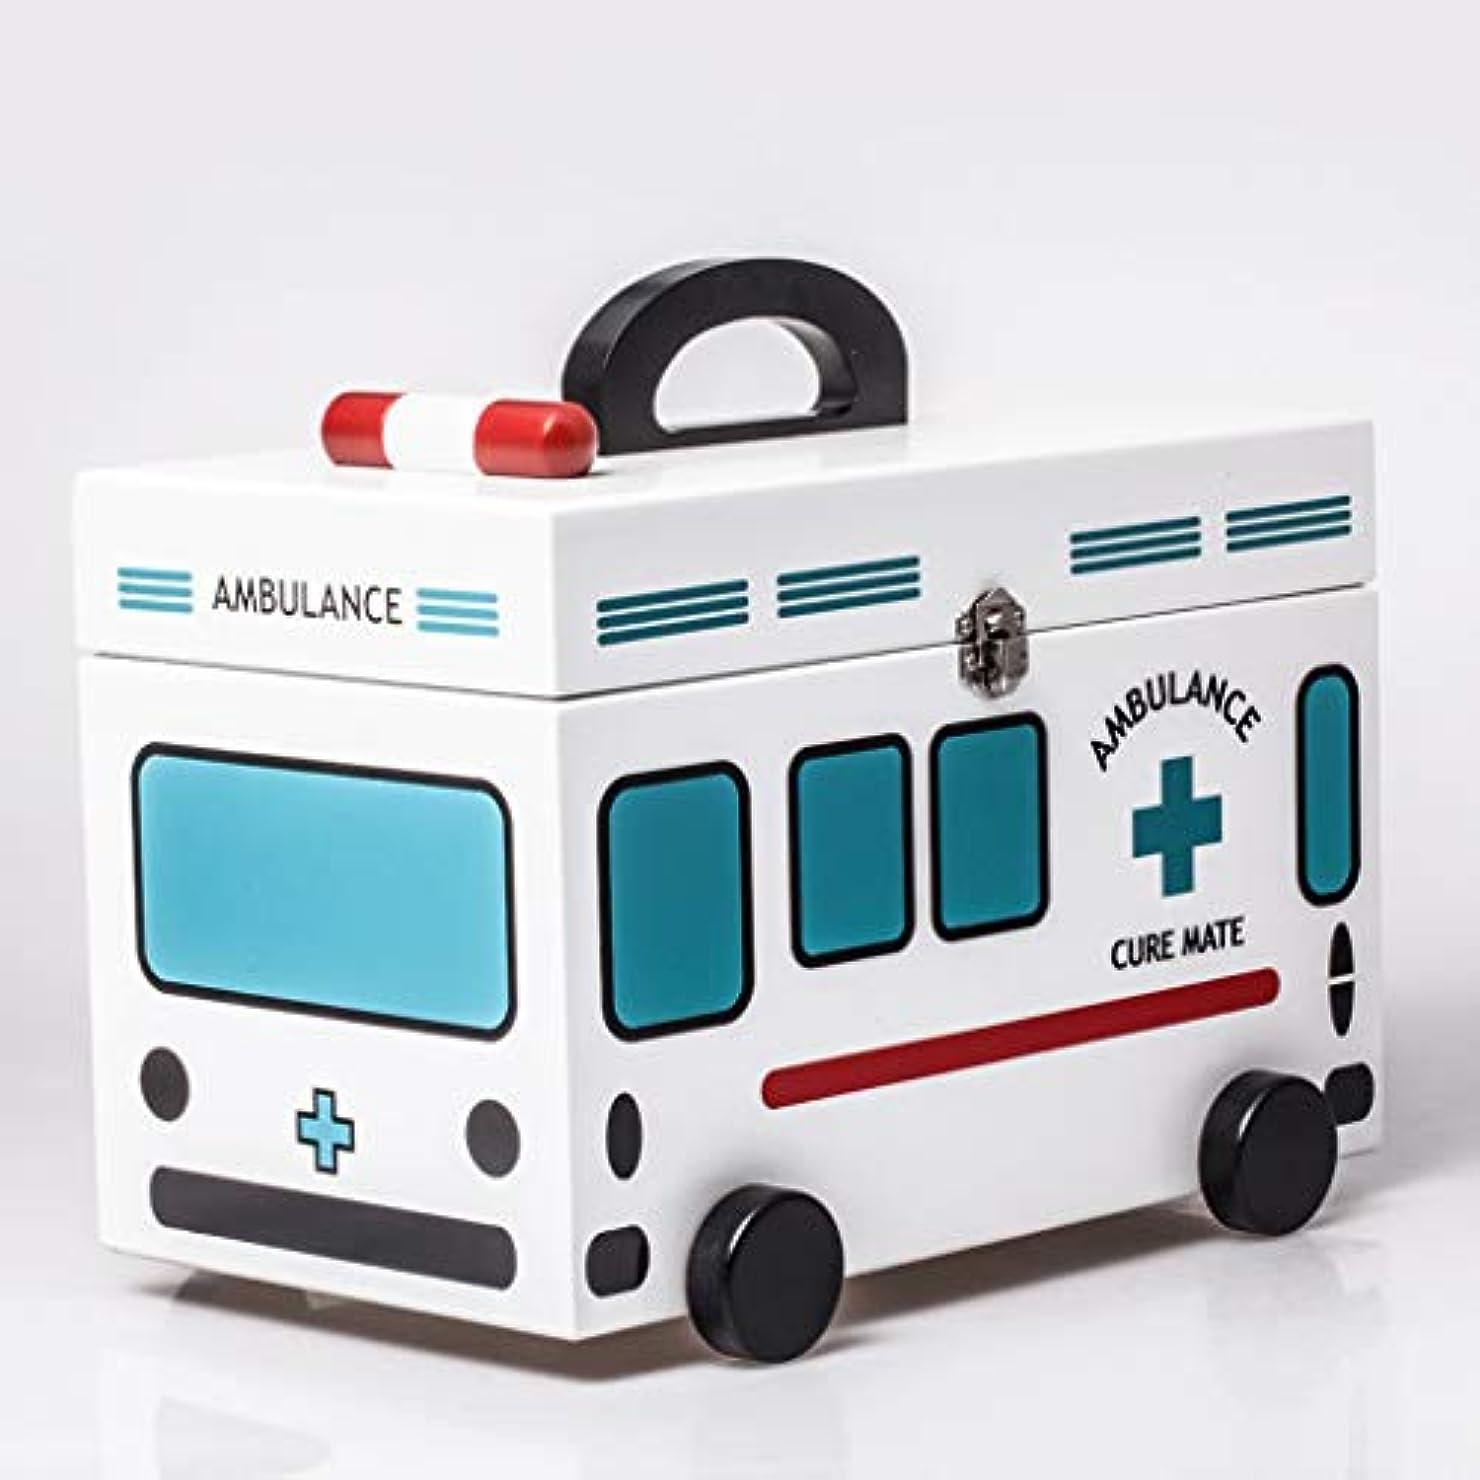 洞窟宿る欠点GLJJQMY 家庭用薬箱赤ちゃん子供薬収納ボックス救急箱医療箱家族小さな薬箱木材32×18×16センチ 薬収納ボックス